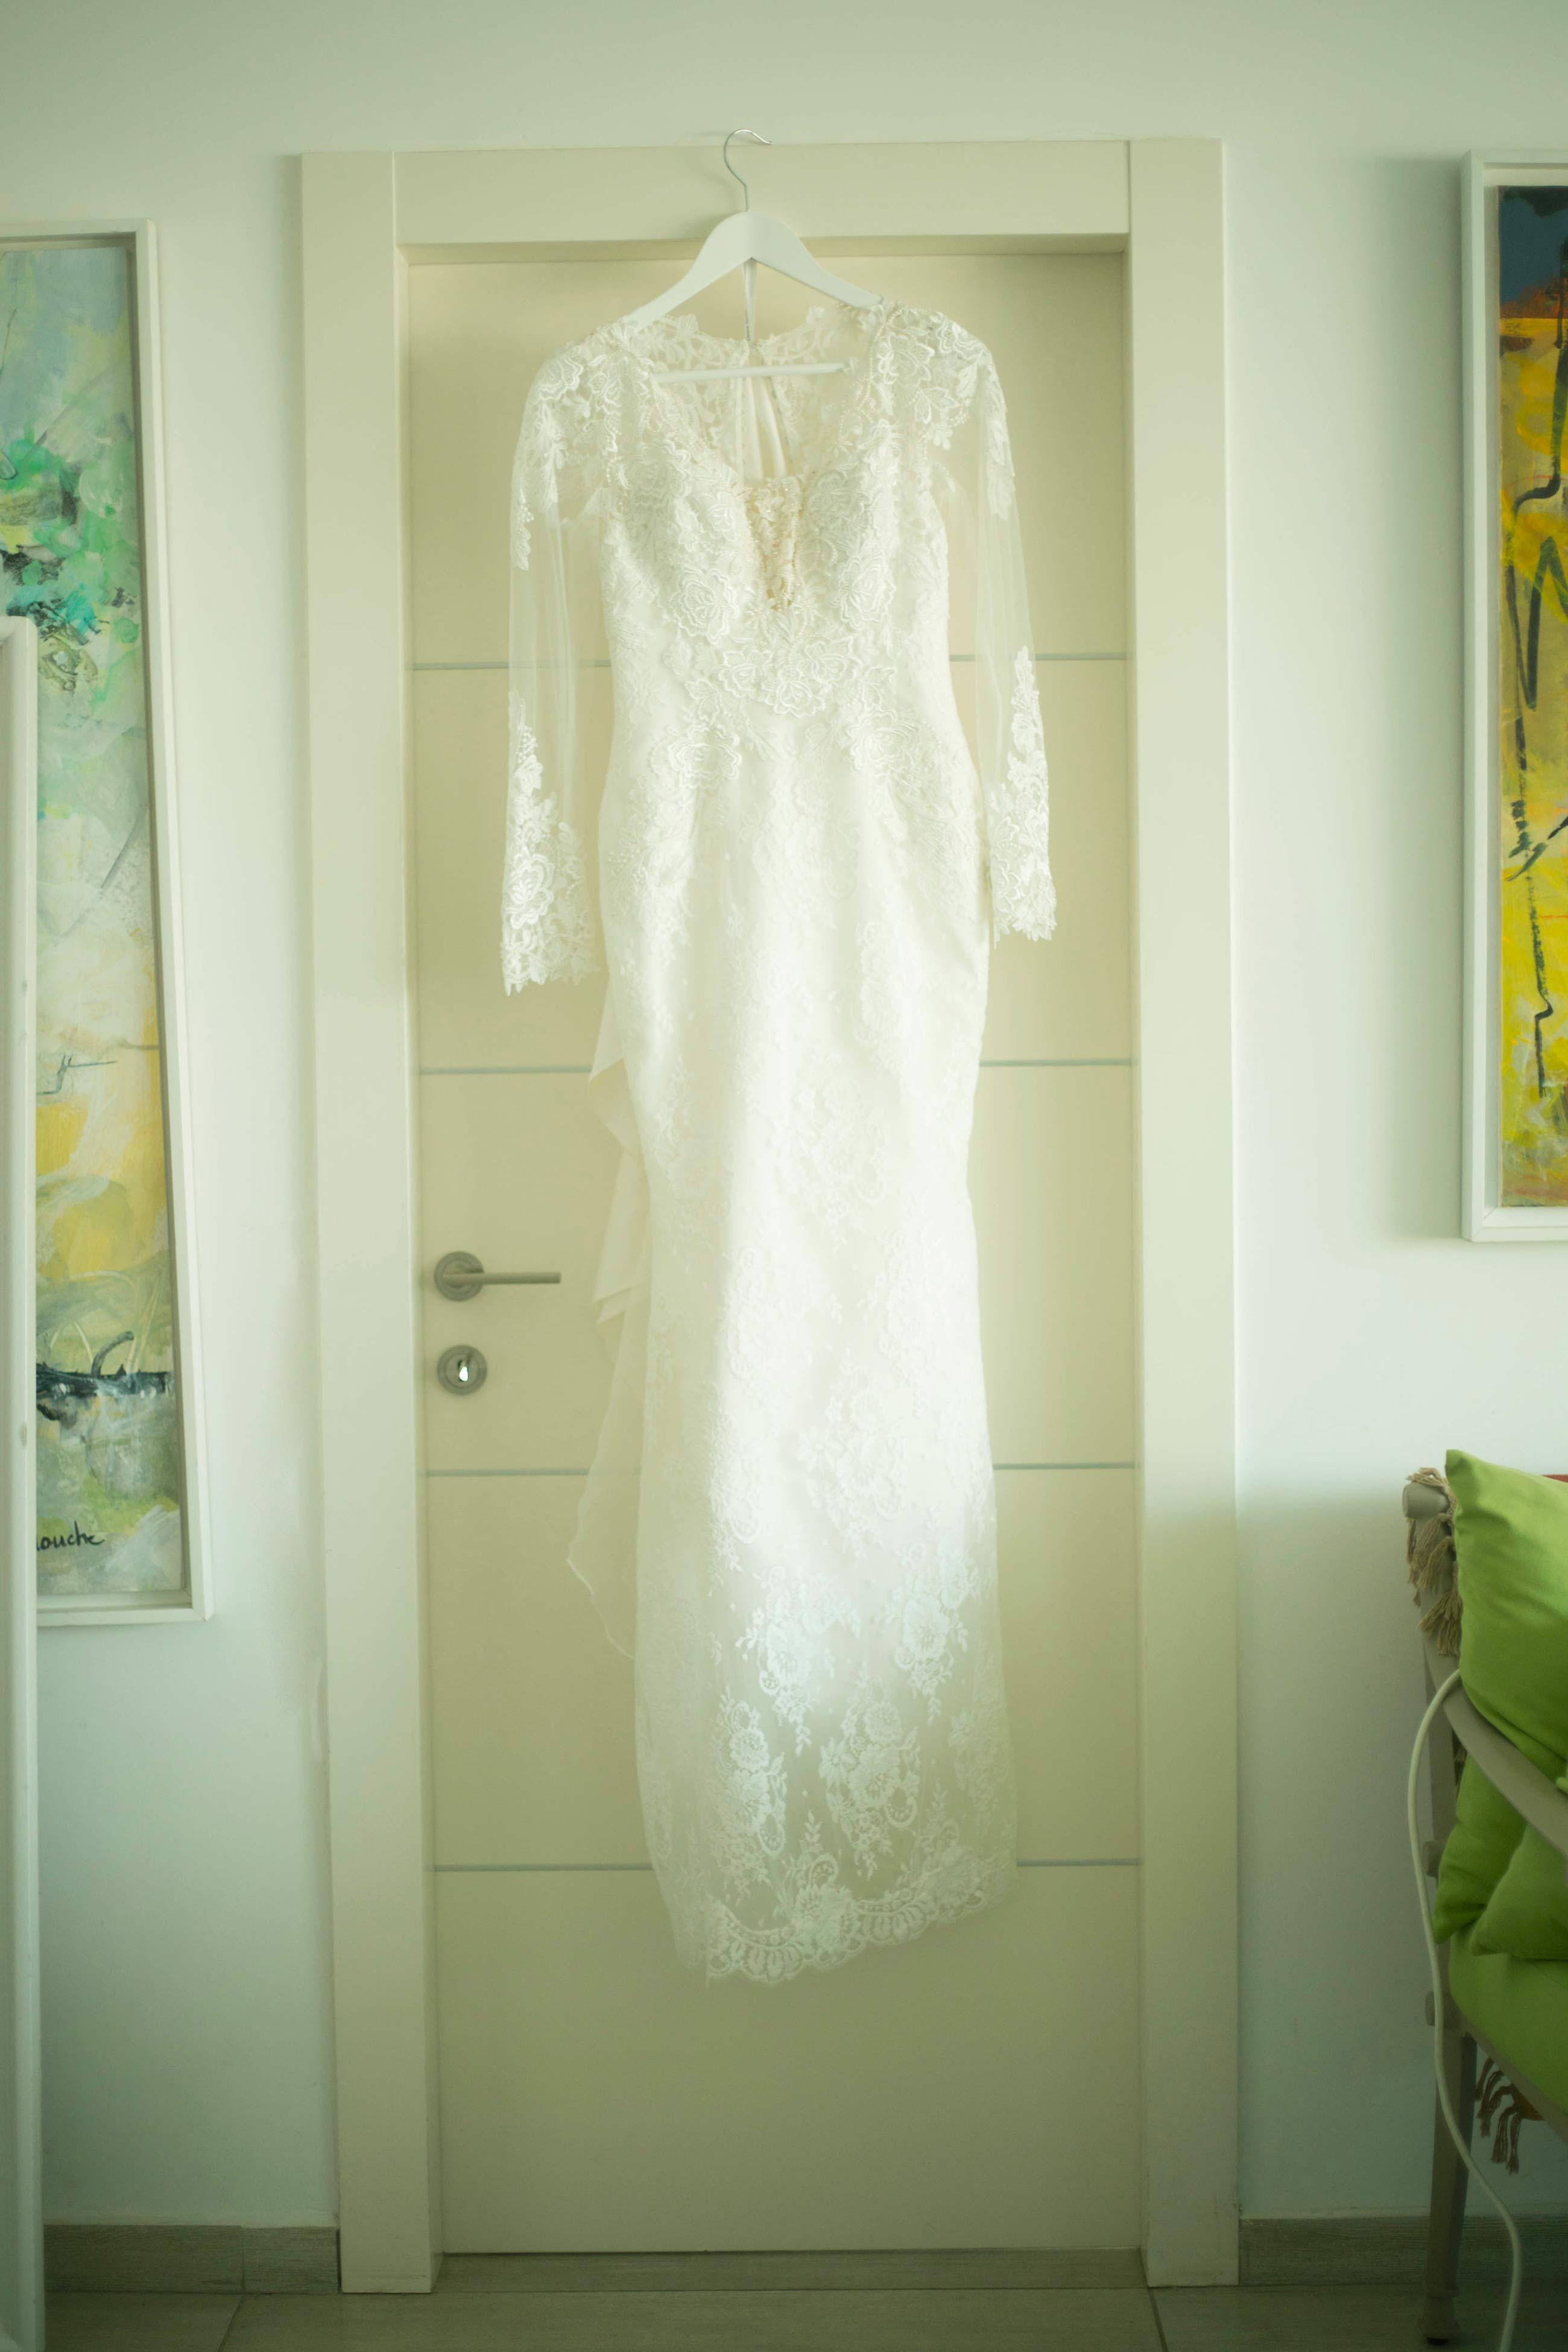 lea-jeremie-mariage-tel-aviv-israel-photographe-paris-video19